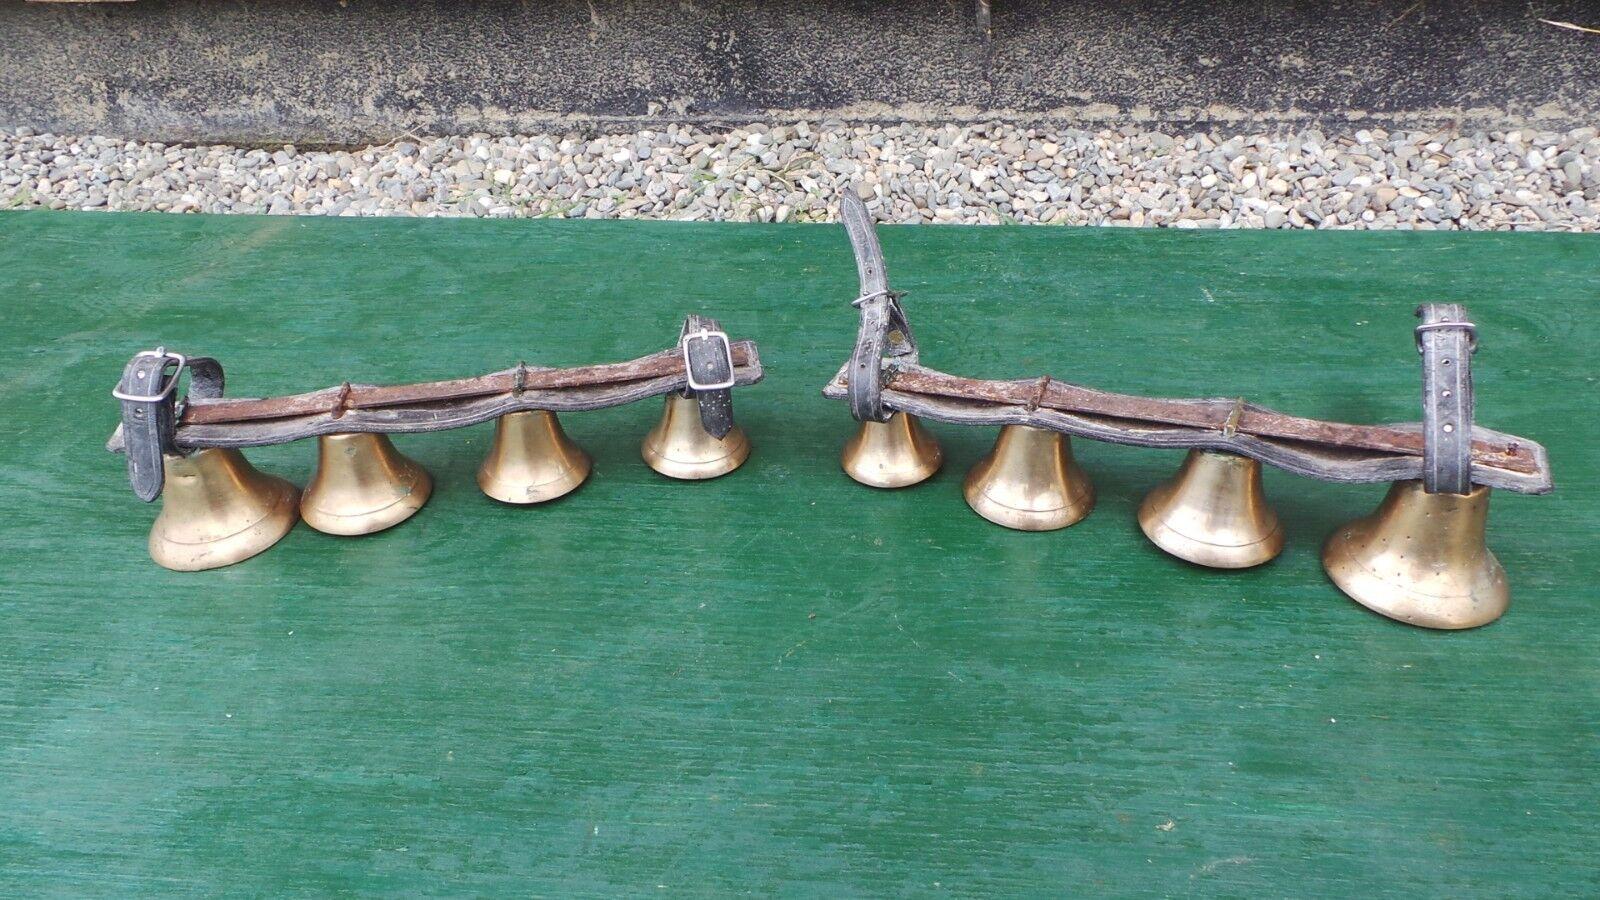 Raro Antiguo 2 conjuntos de Latón Caballo Bell 4 campanas en la correa de cuero para Eje de trineo